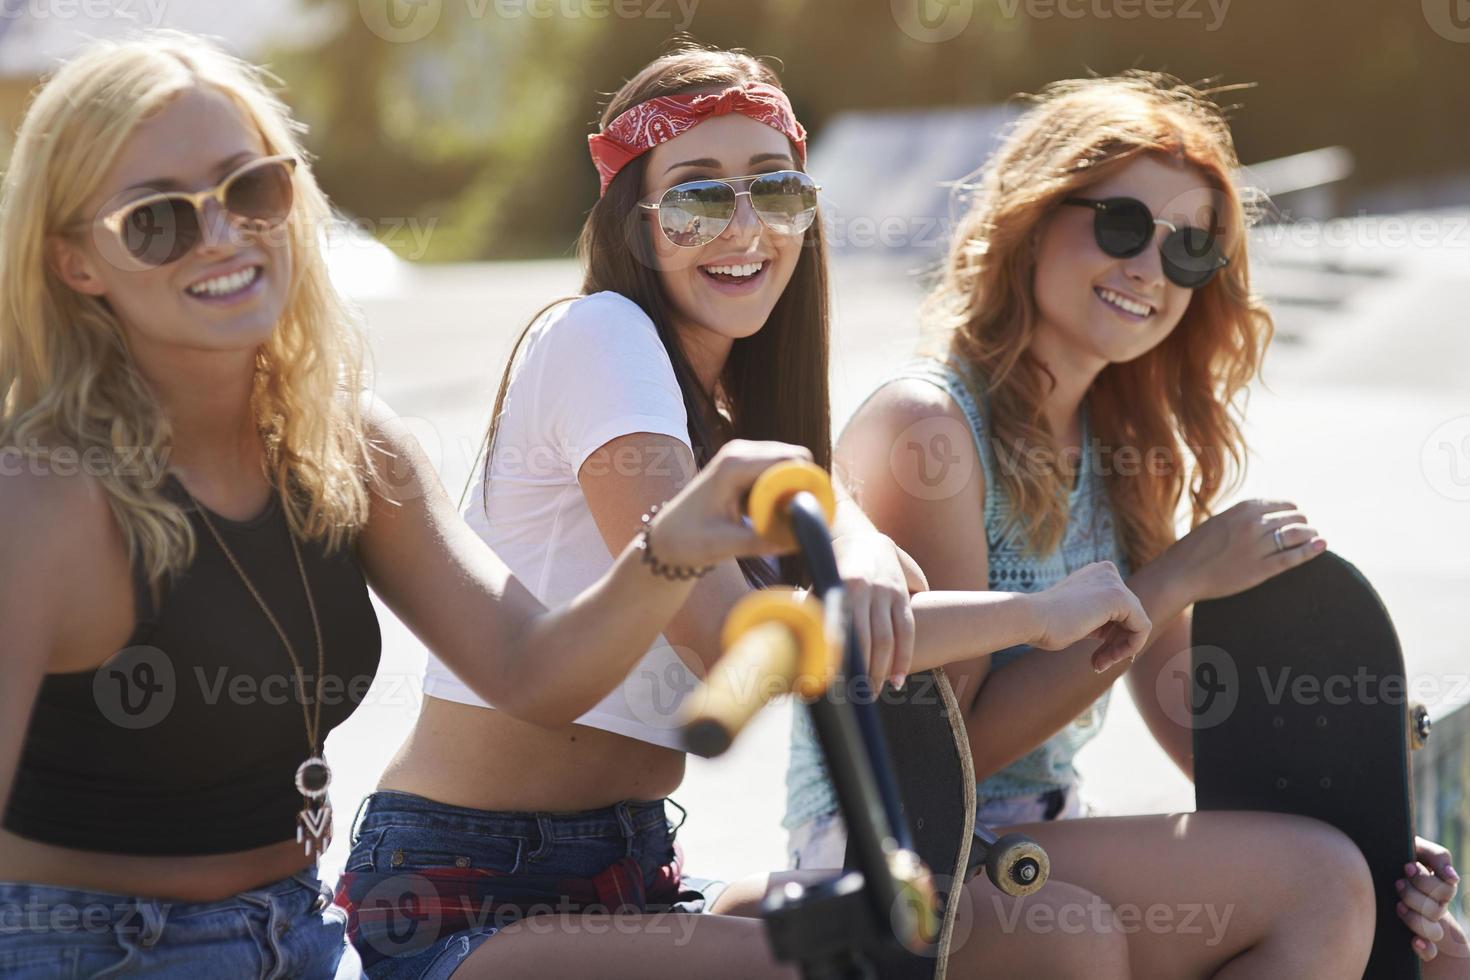 tre ragazze che riposano nello skatepark foto